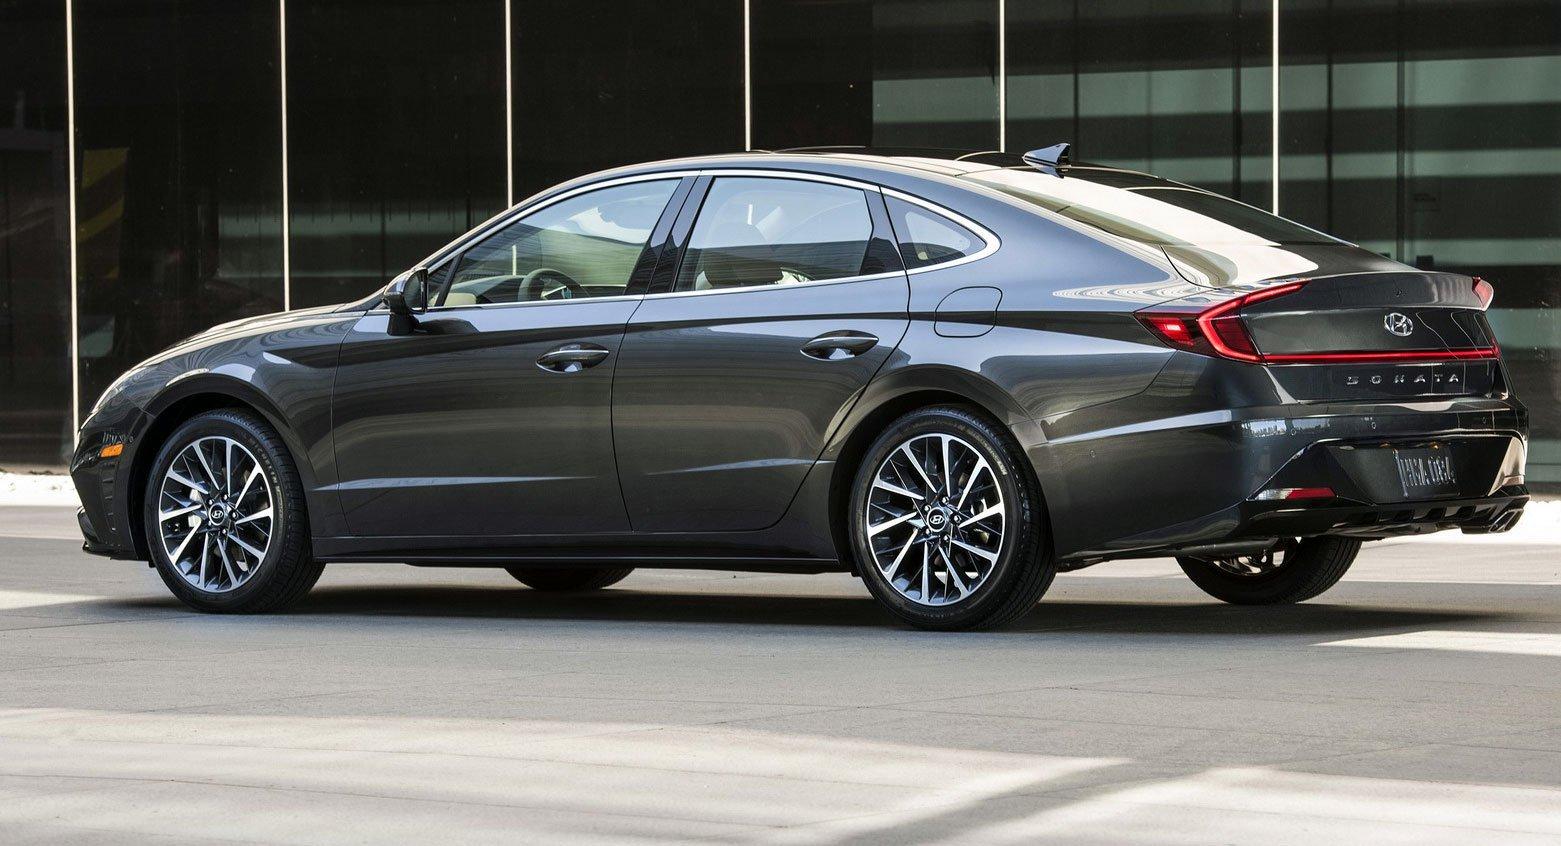 Hyundai Sonata và Kia Optima 2020 sắp lên đời dẫn động 4 bánh 3